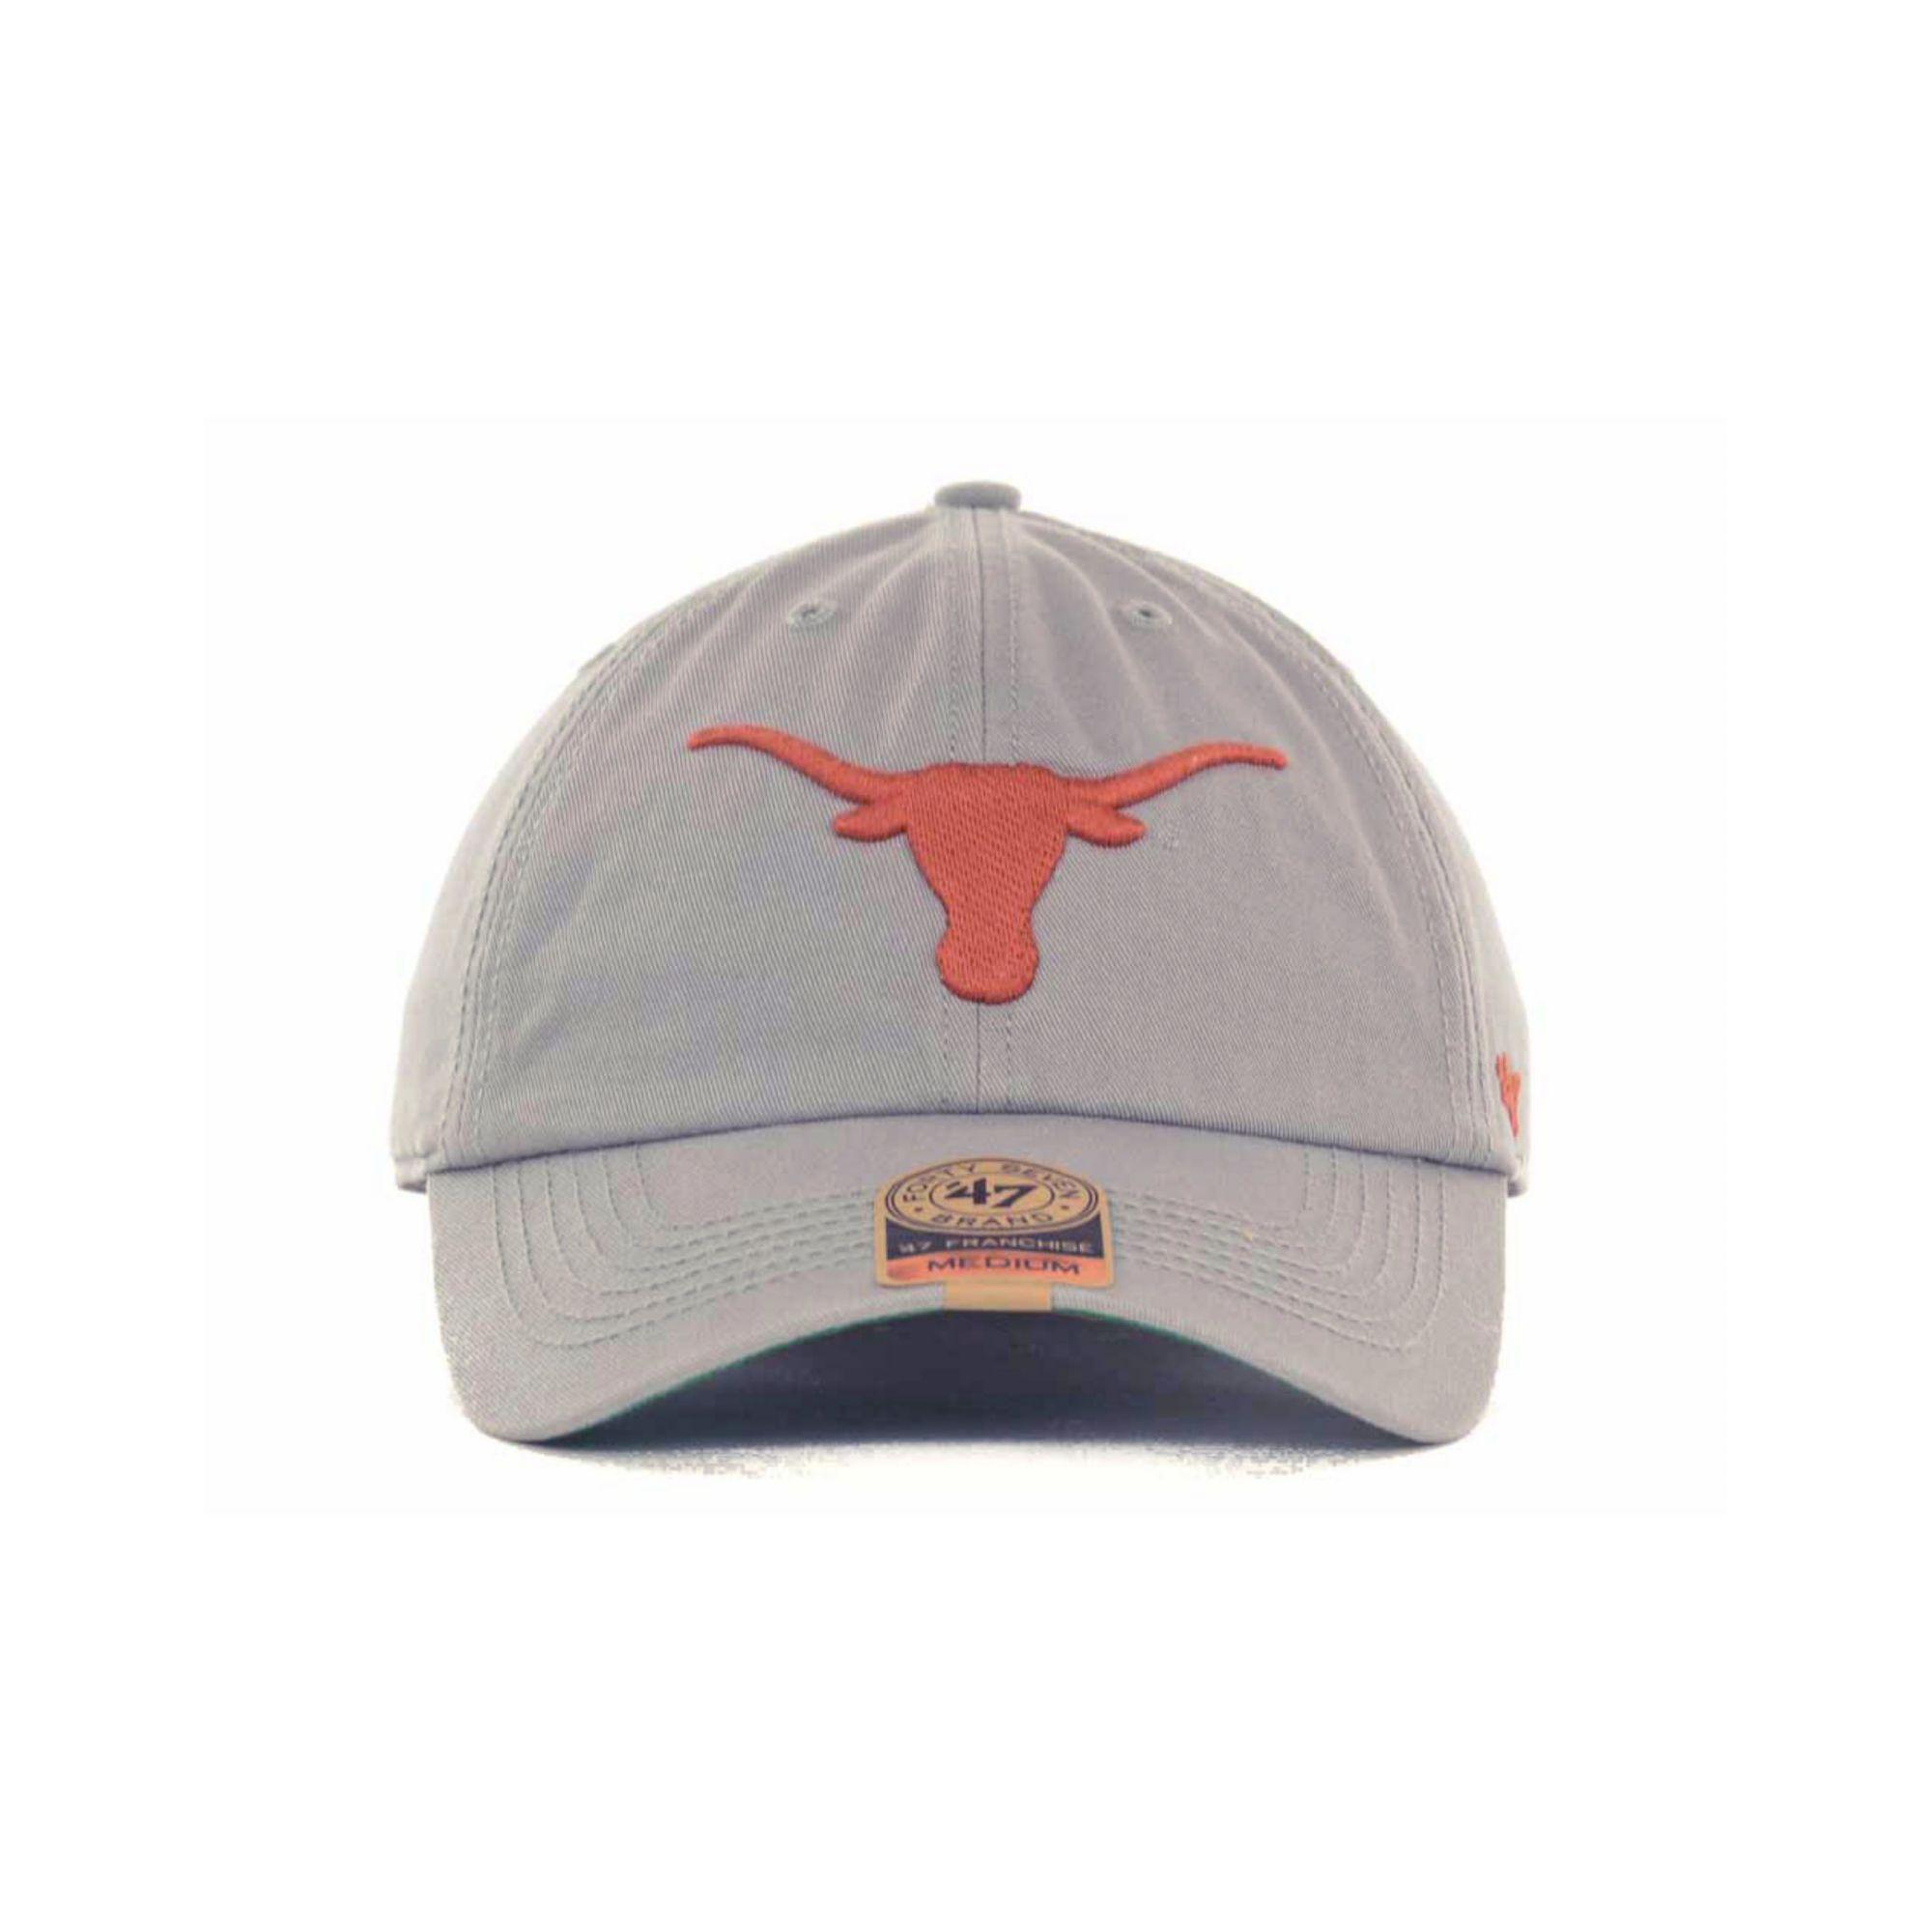 9edd263762fe0 47 Brand Texas Longhorns Ncaa 47 Grey Franchise Cap in Gray for Men ...